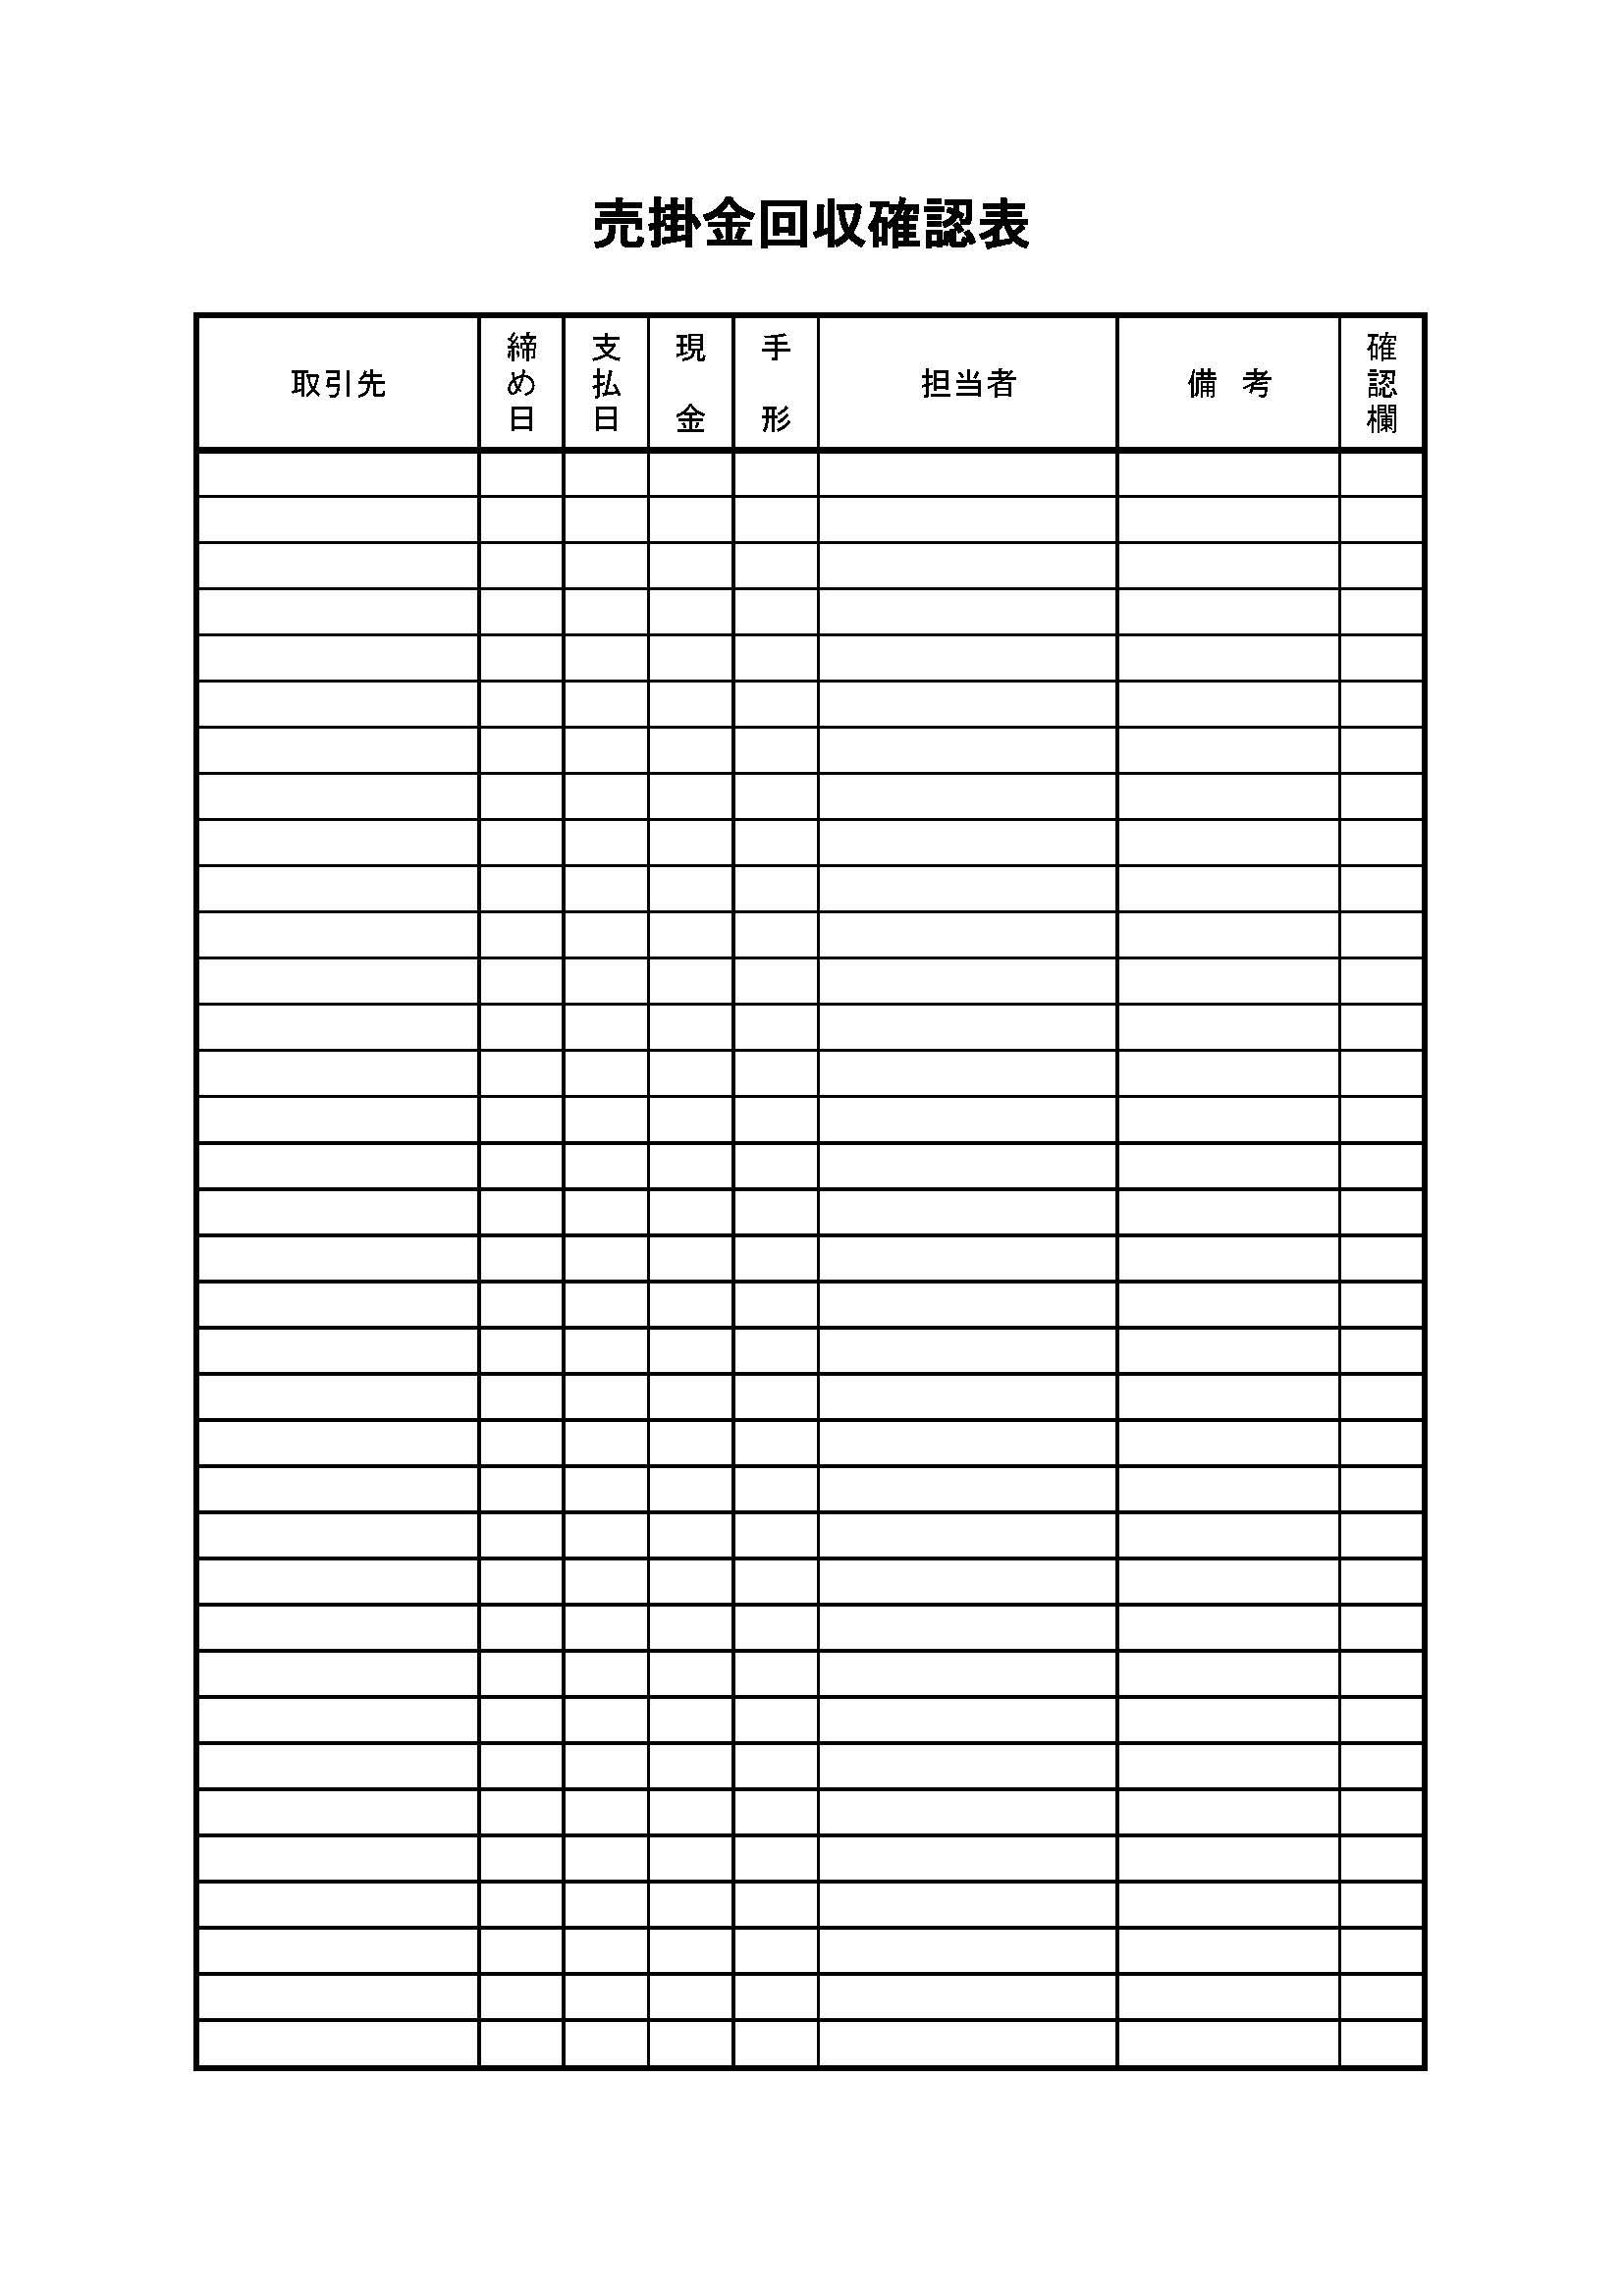 売掛金回収確認表